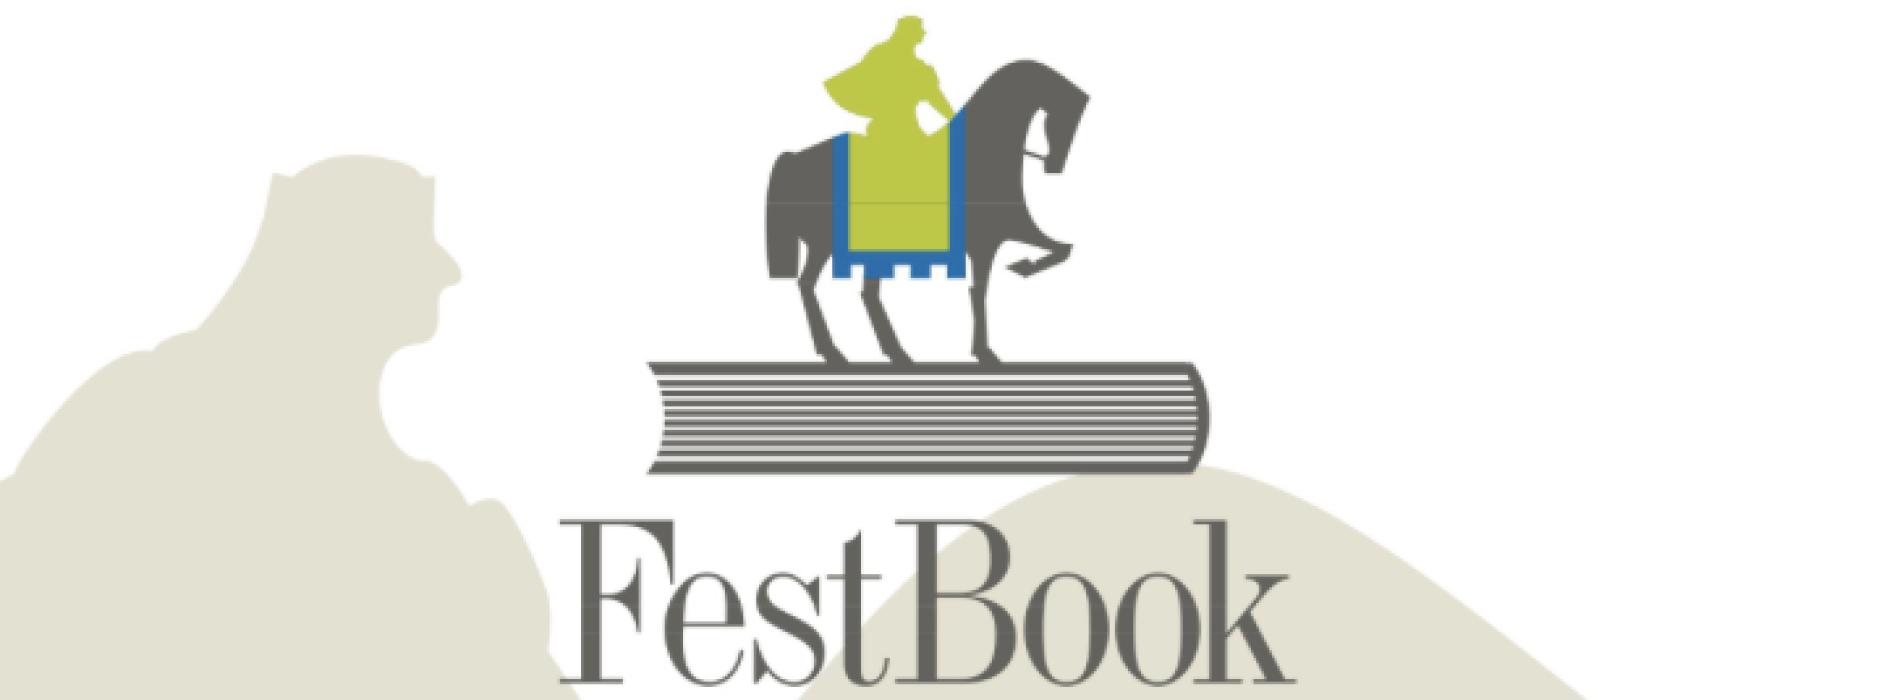 FestBook. La Lectio cantata sull'età di mezzo nella cattedrale di Casertavecchia